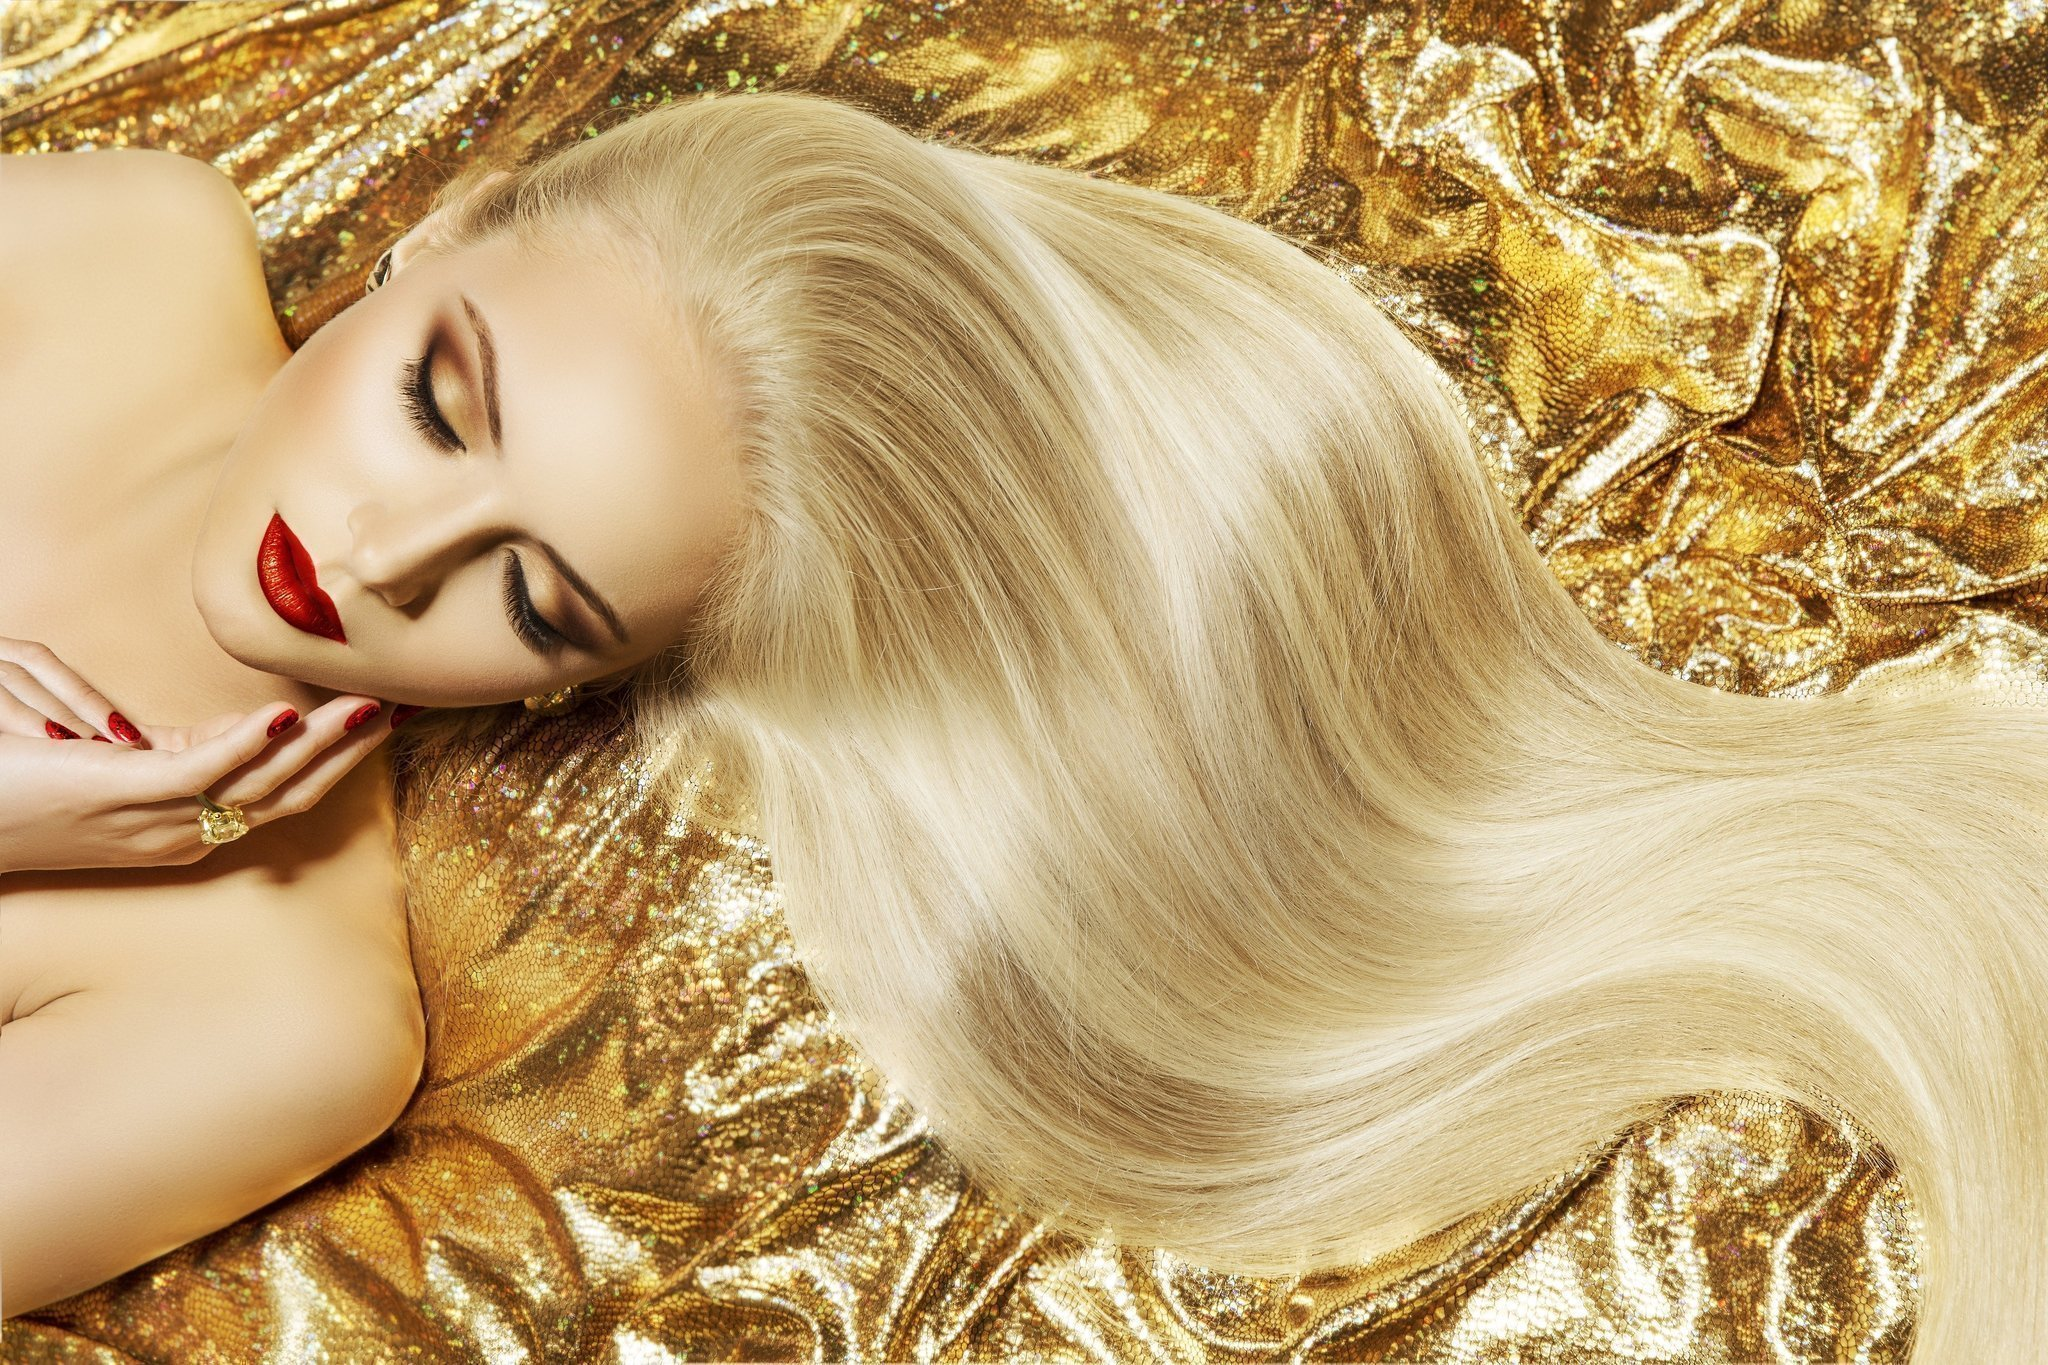 Маска для волос для блеска и гладкости в домашних условиях с яйцами. Какую пользу приносят домашние средства для шелковистости прядей?